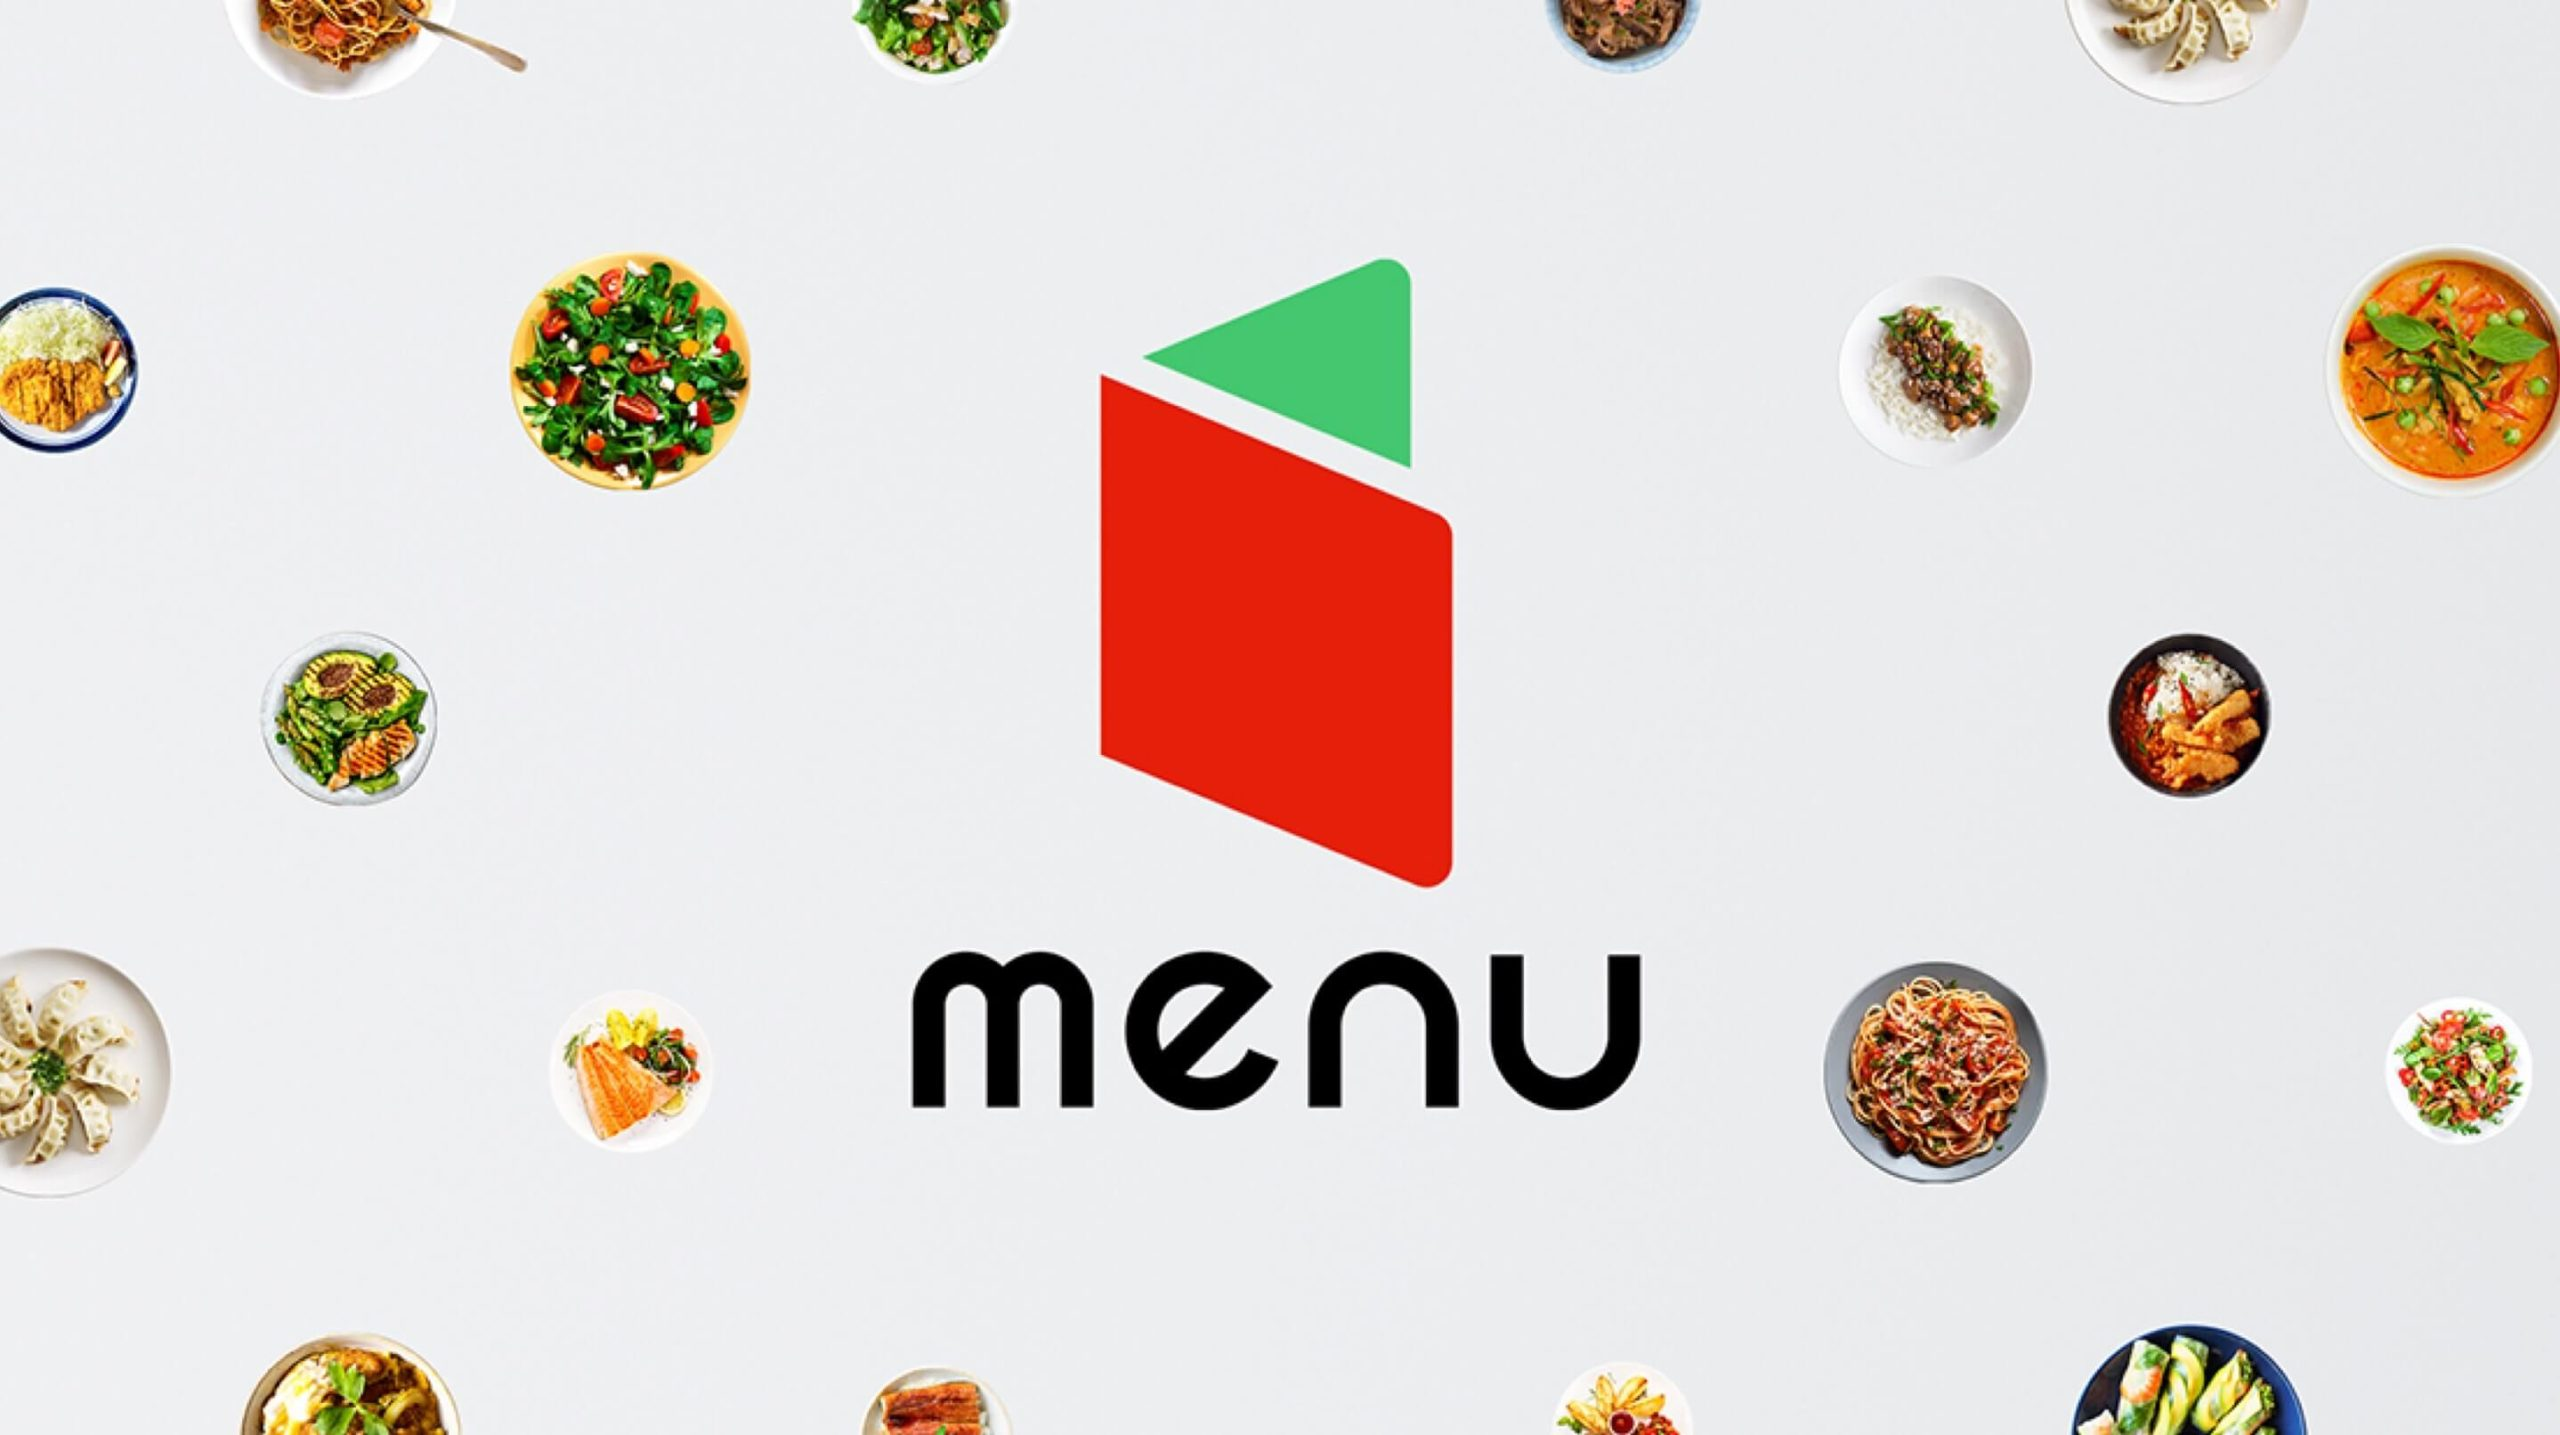 menuテイクアウトの使い方